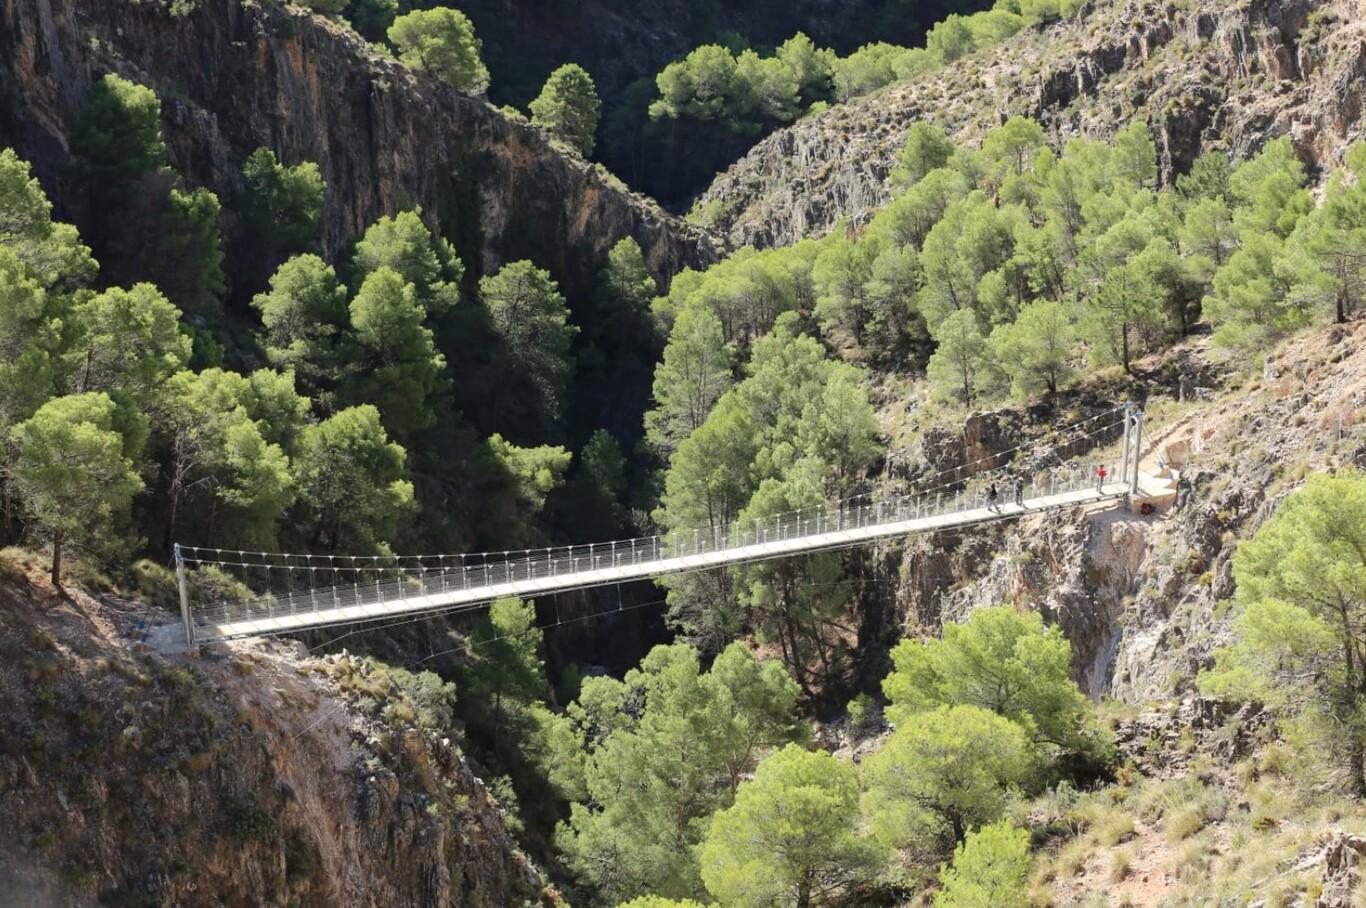 Flipa con este puente colgante ¡A nosotros nos da un poquito de respeto! ¿A ti también?